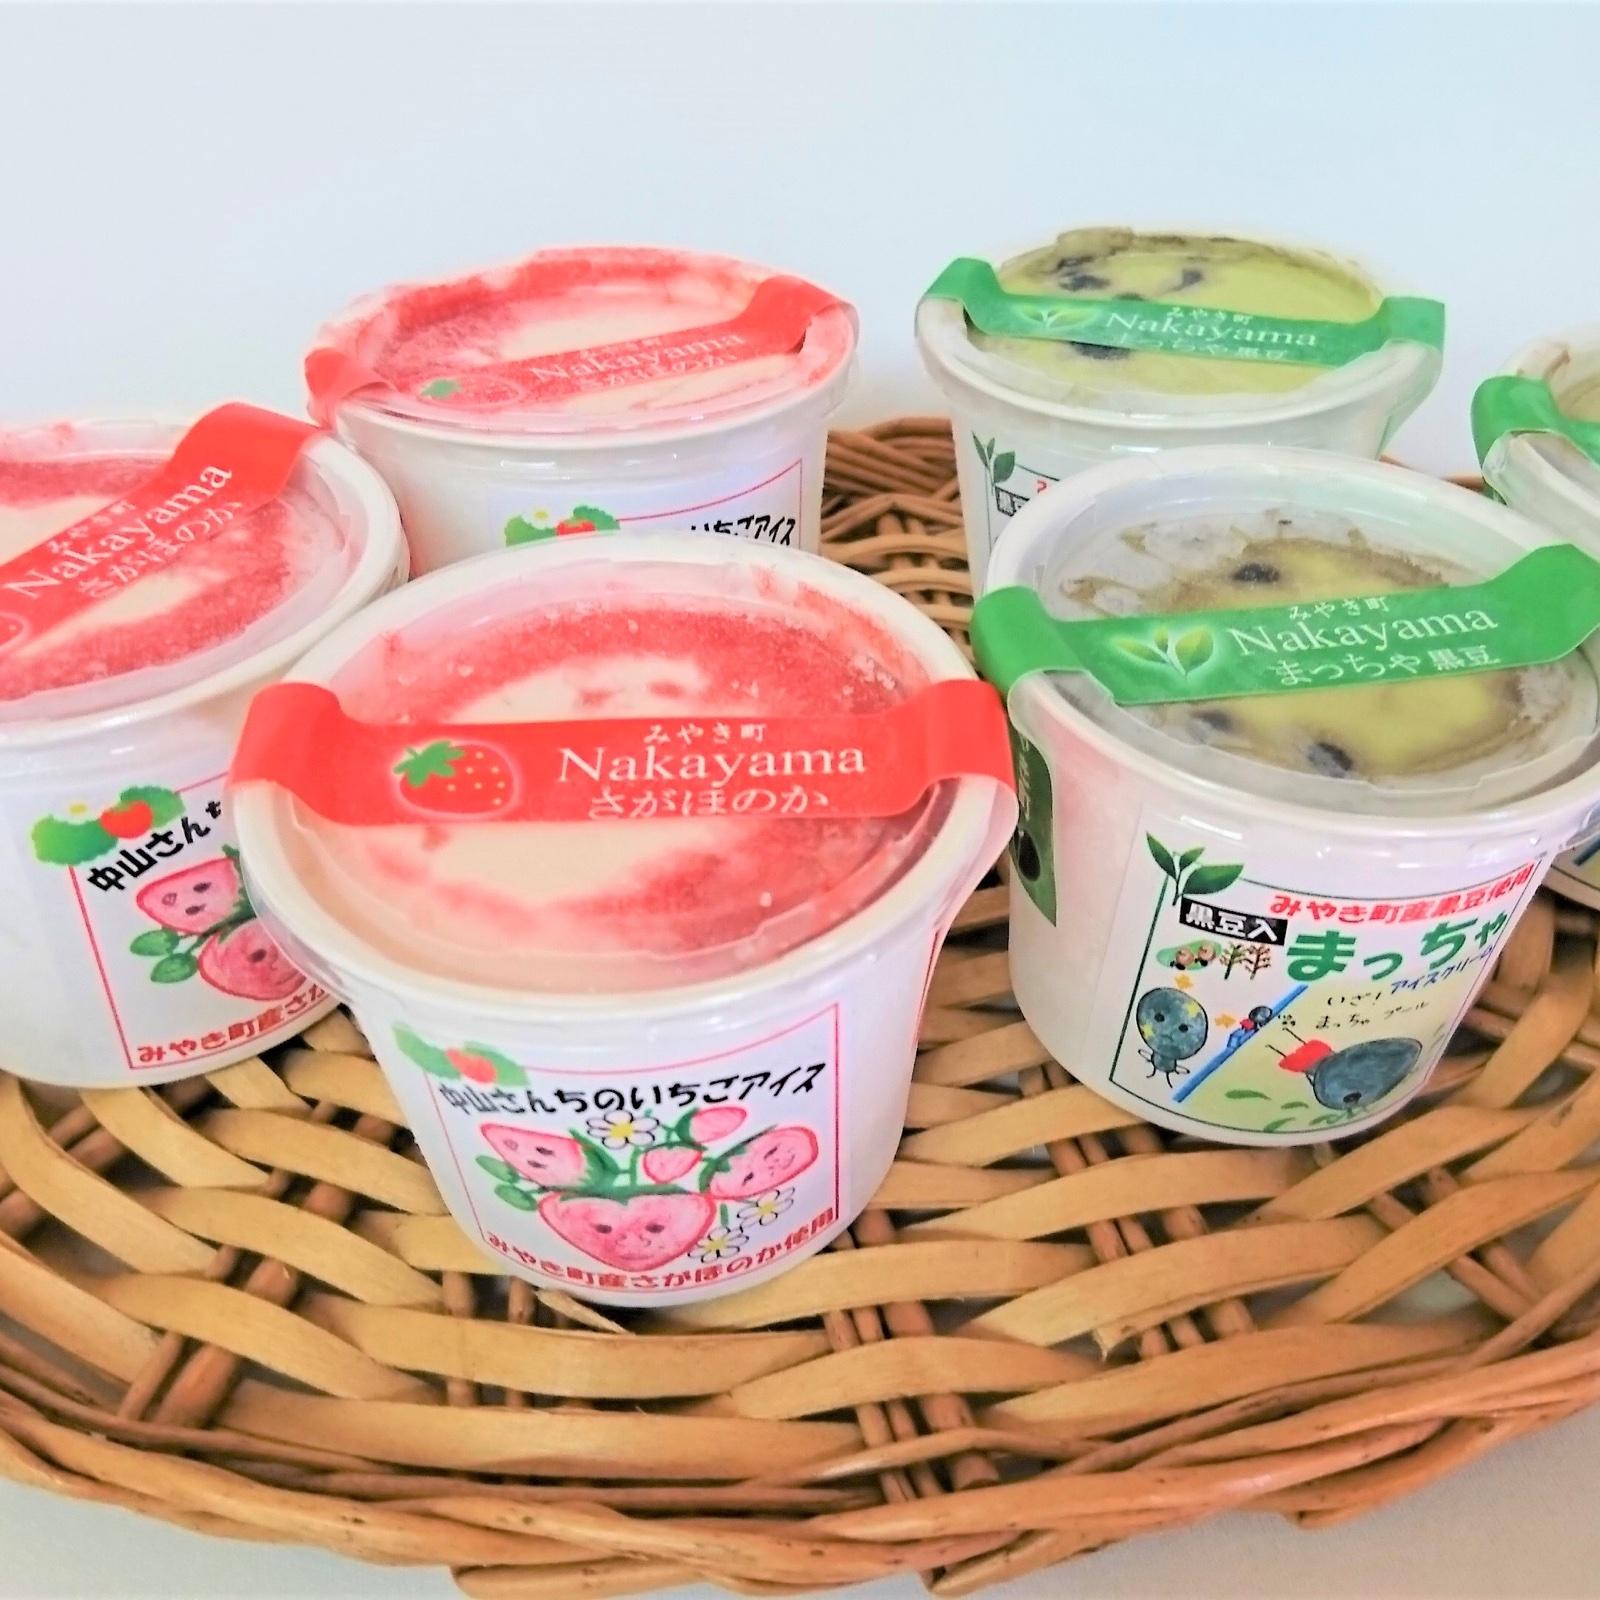 【お中元対応】中山さんちの自然そのまんまアイス 6個入り 120ml×6個 いちご3個、黒豆抹茶3個 加工品/セット・詰め合わせ通販